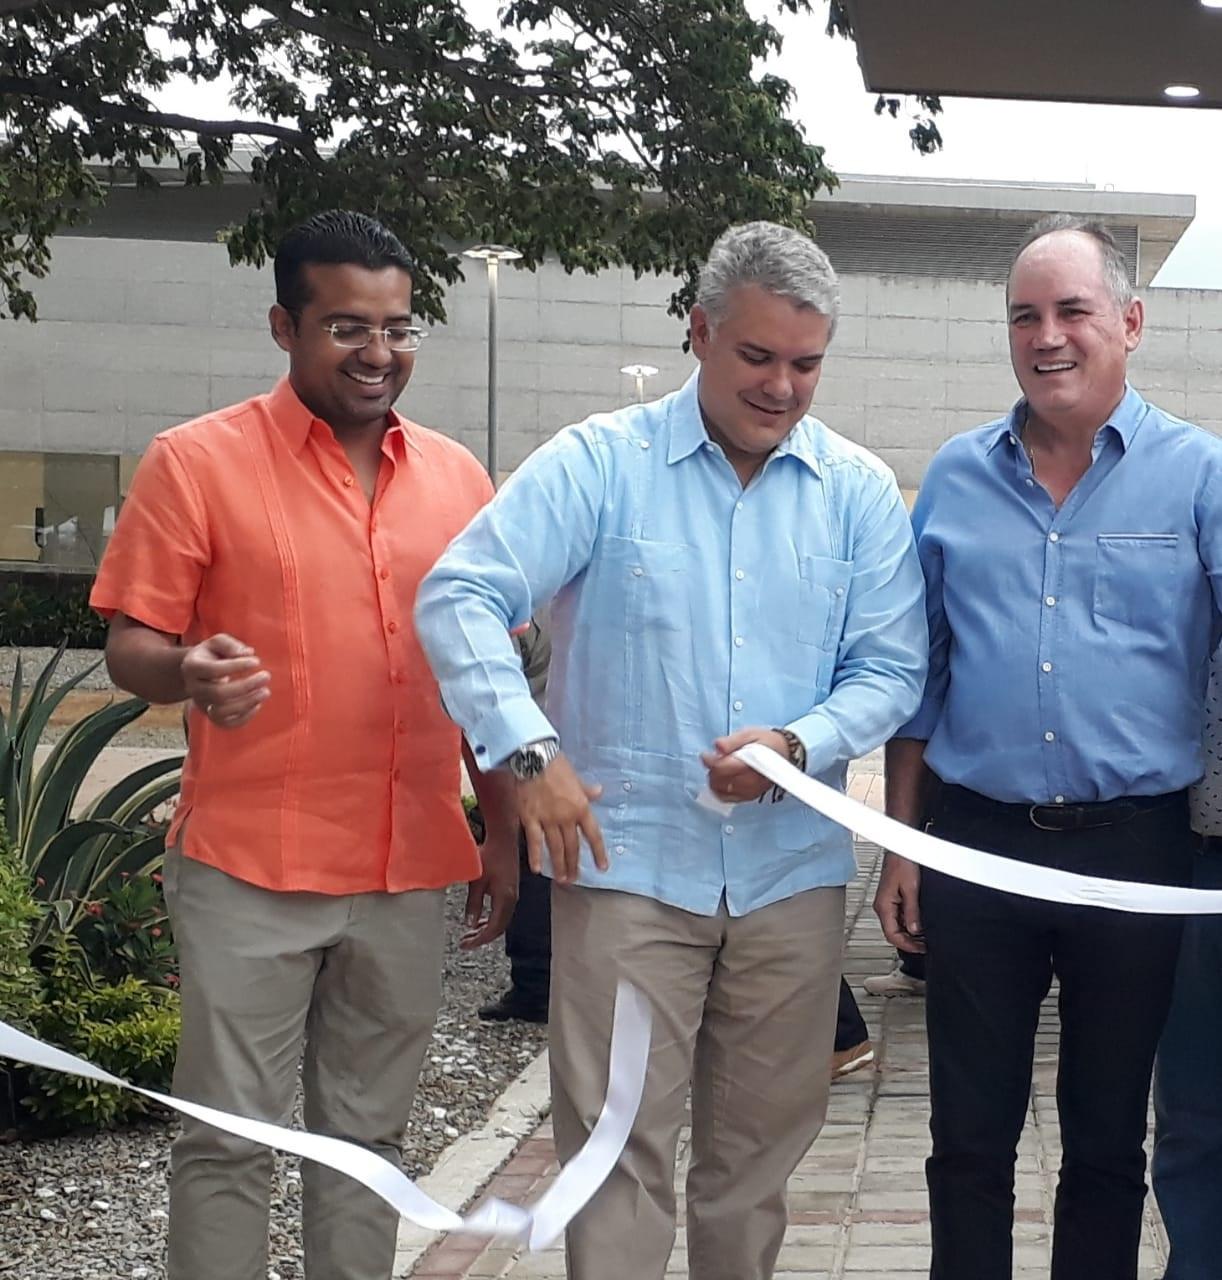 El presidente Iván Duque, el alcalde Augusto Ramírez y el gobernador Franco Ovalle inauguraron la tercera fase del CDT Ganadero.  CORTESÍA.